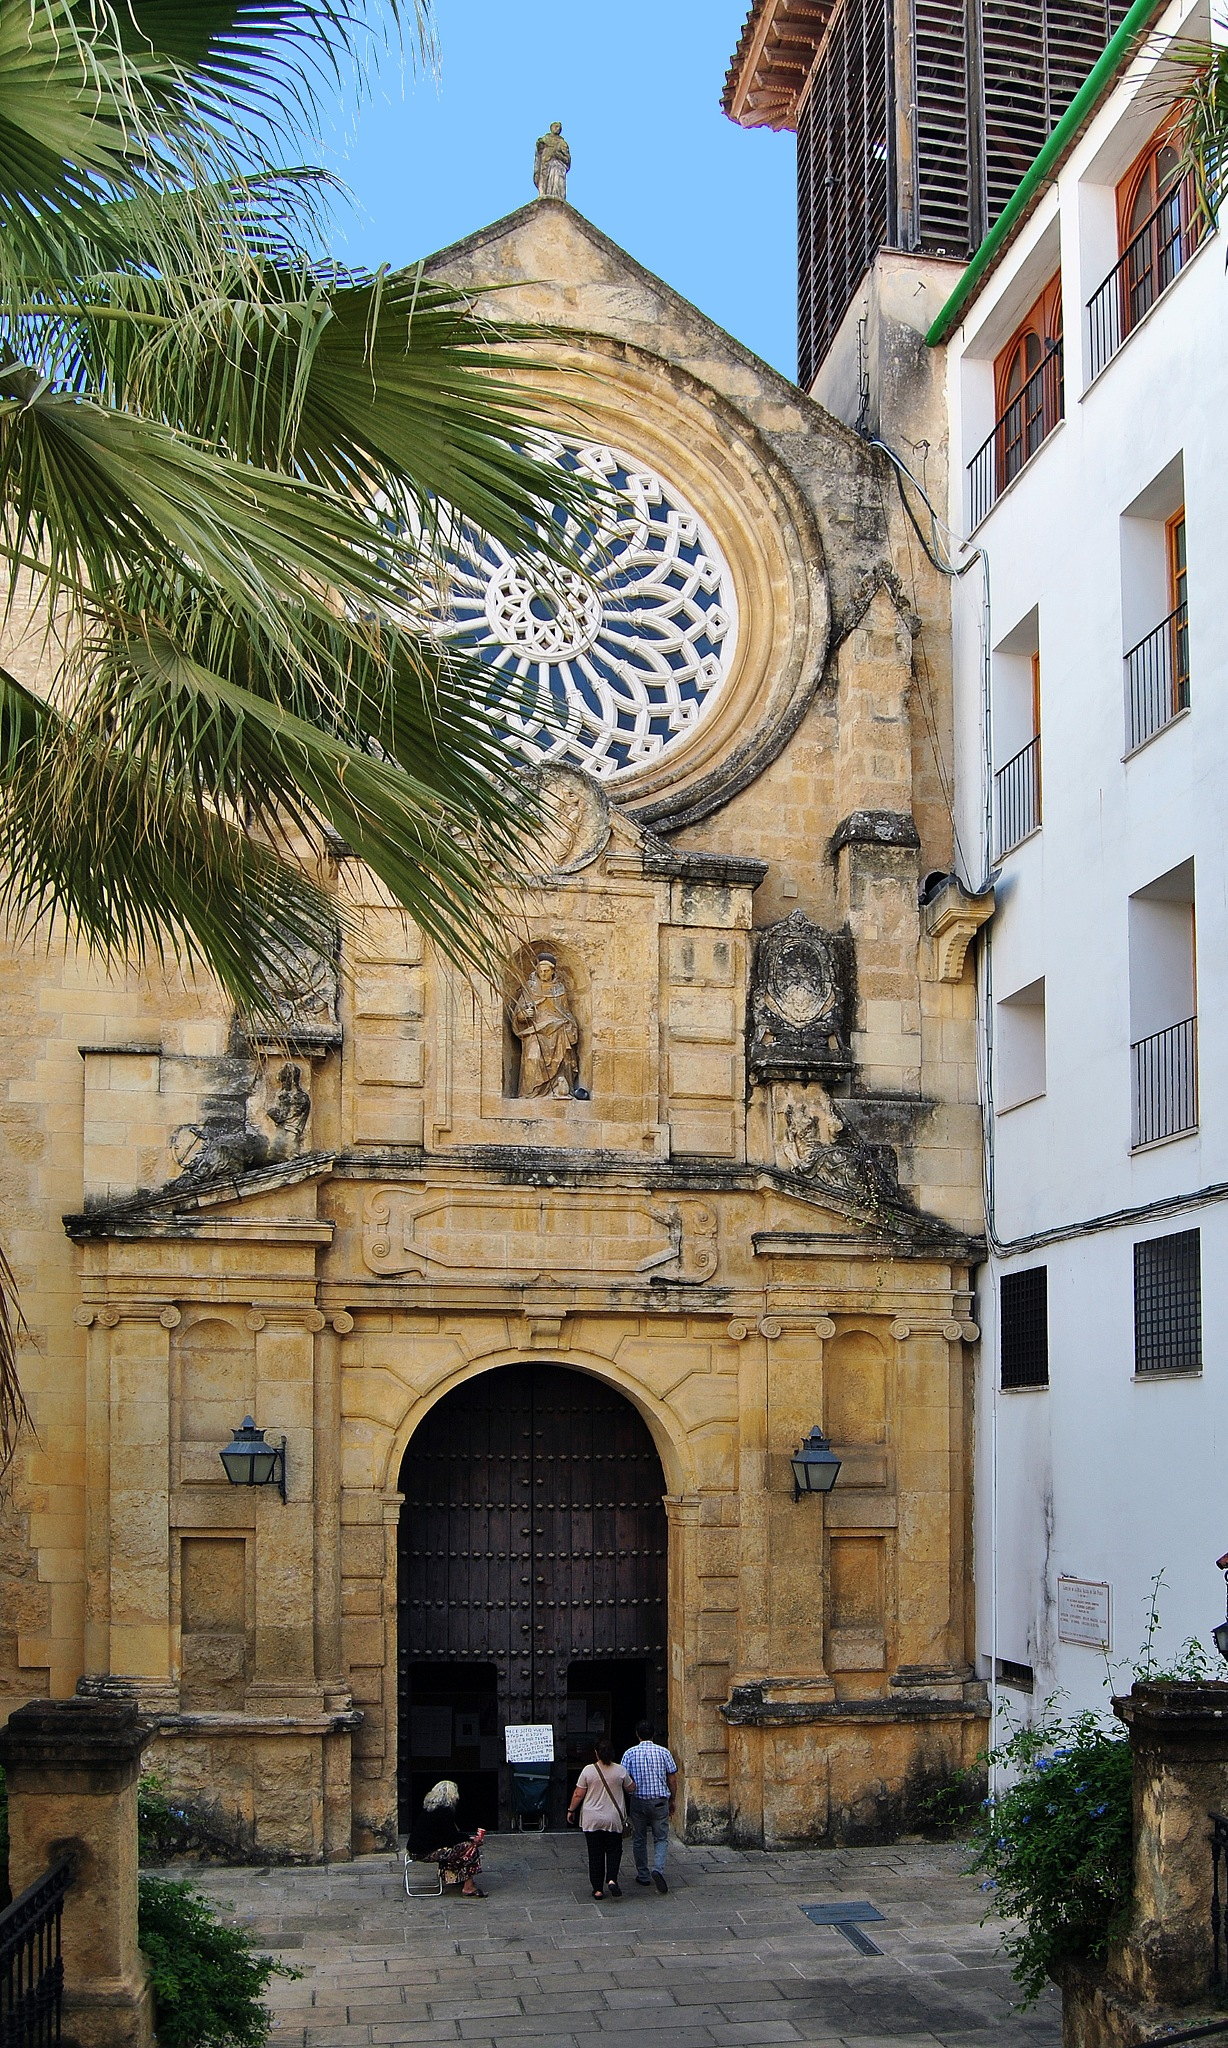 Iglesia de San Pablo. Córdoba by DavidRoldan